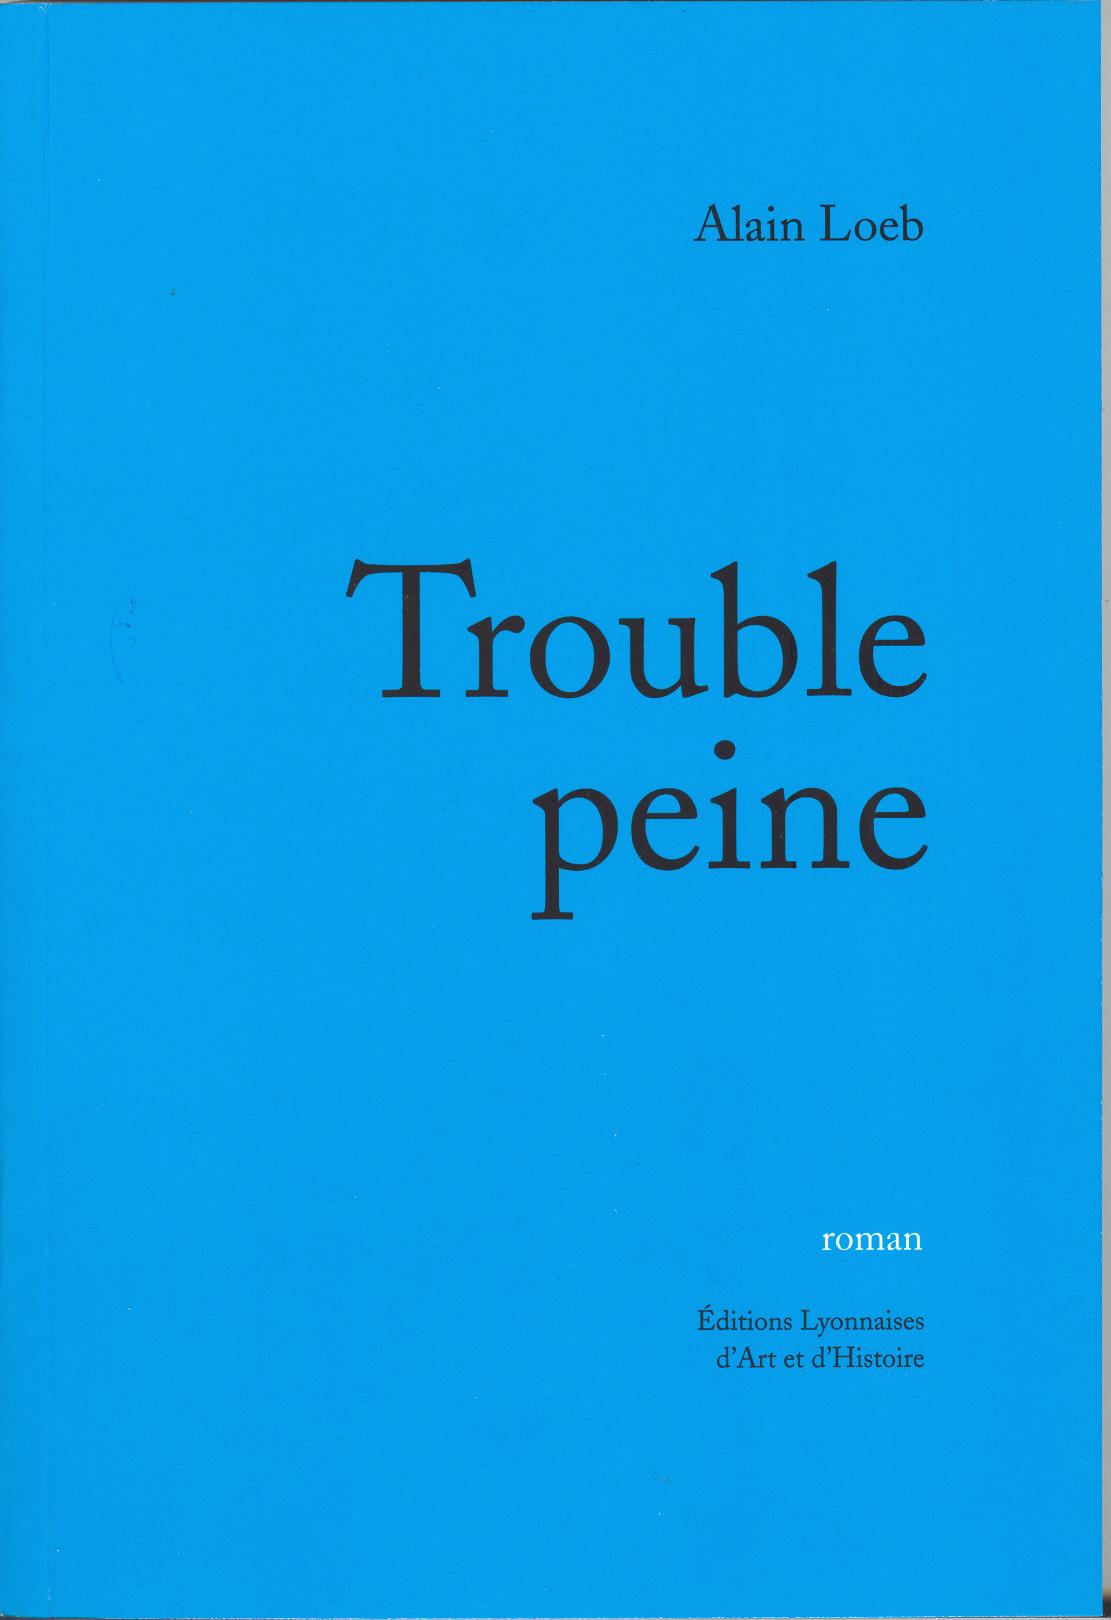 TROUBLE PEINE